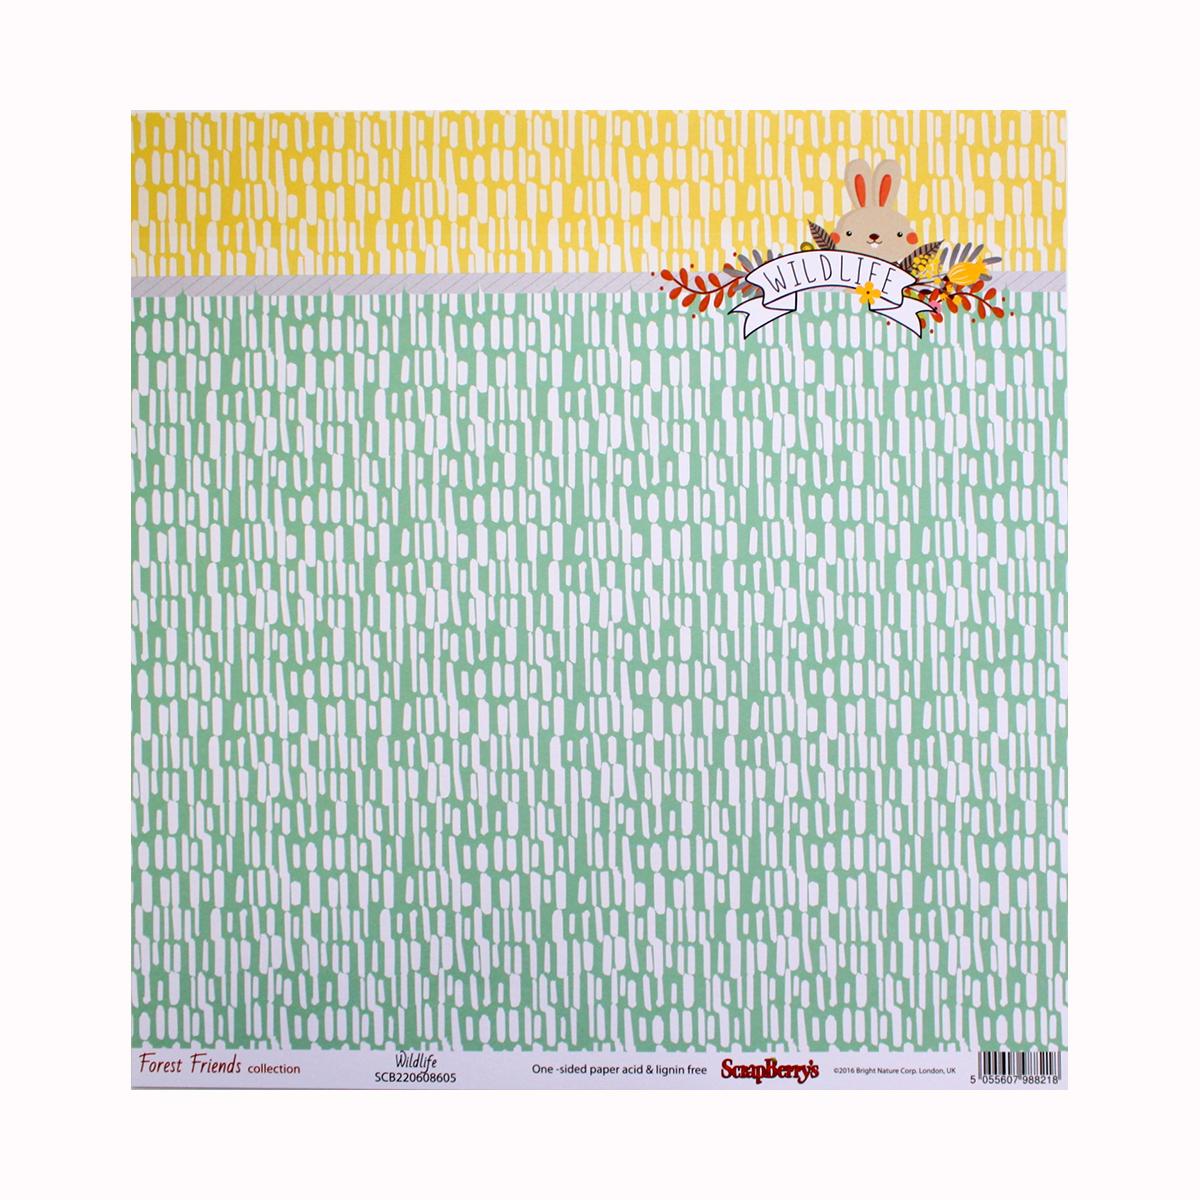 Бумага для скрапбукинга ScrapBerrys Лес чудес. Пушистый друг, 30,5 х 30,5 см, 10 листов. 497131497131